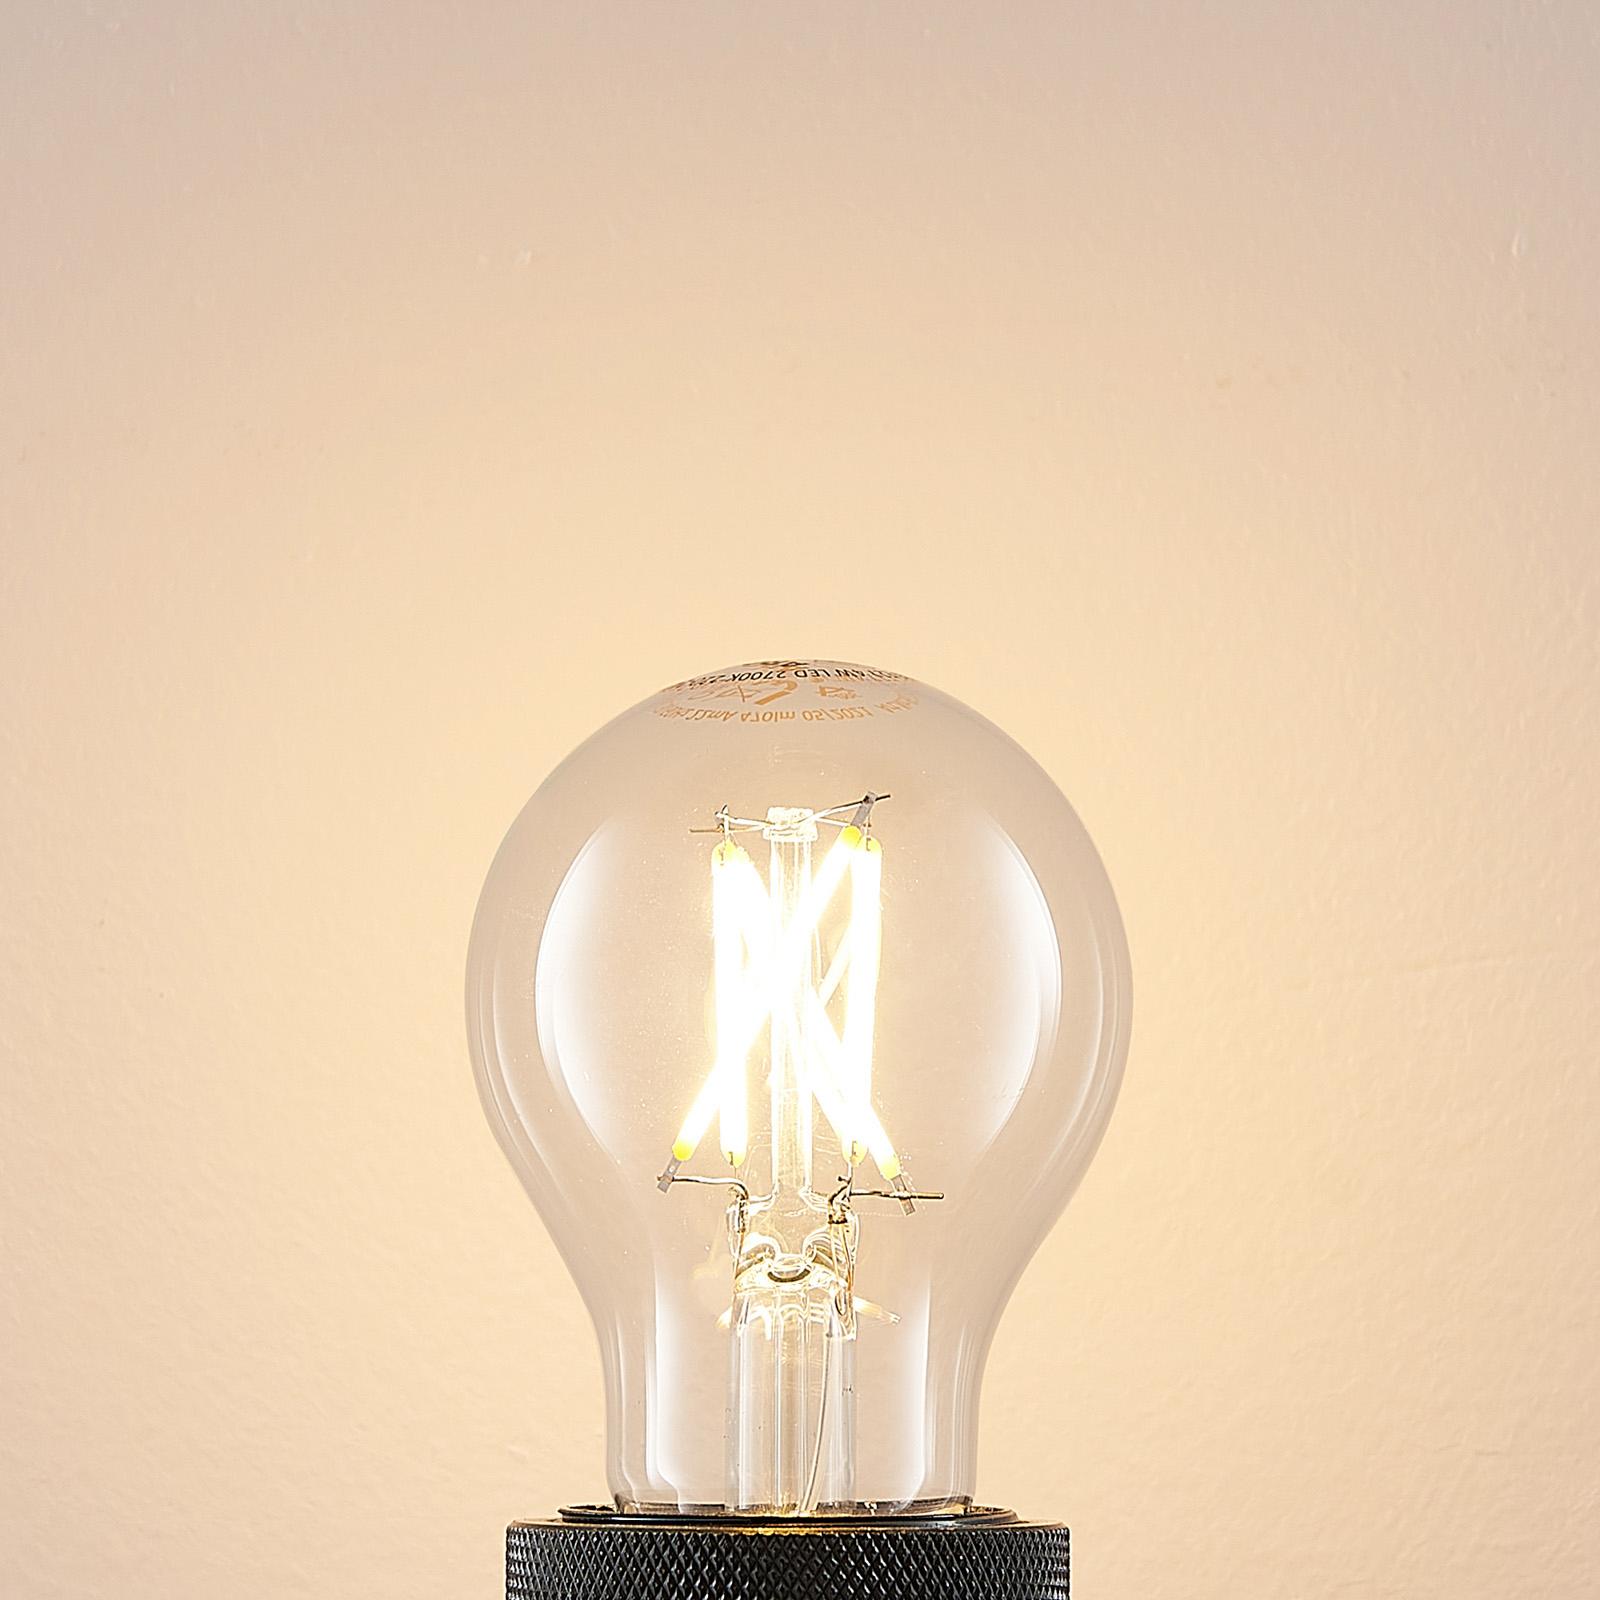 LED-pære E27 4W 2.700K filament, kan dæmpes, klar